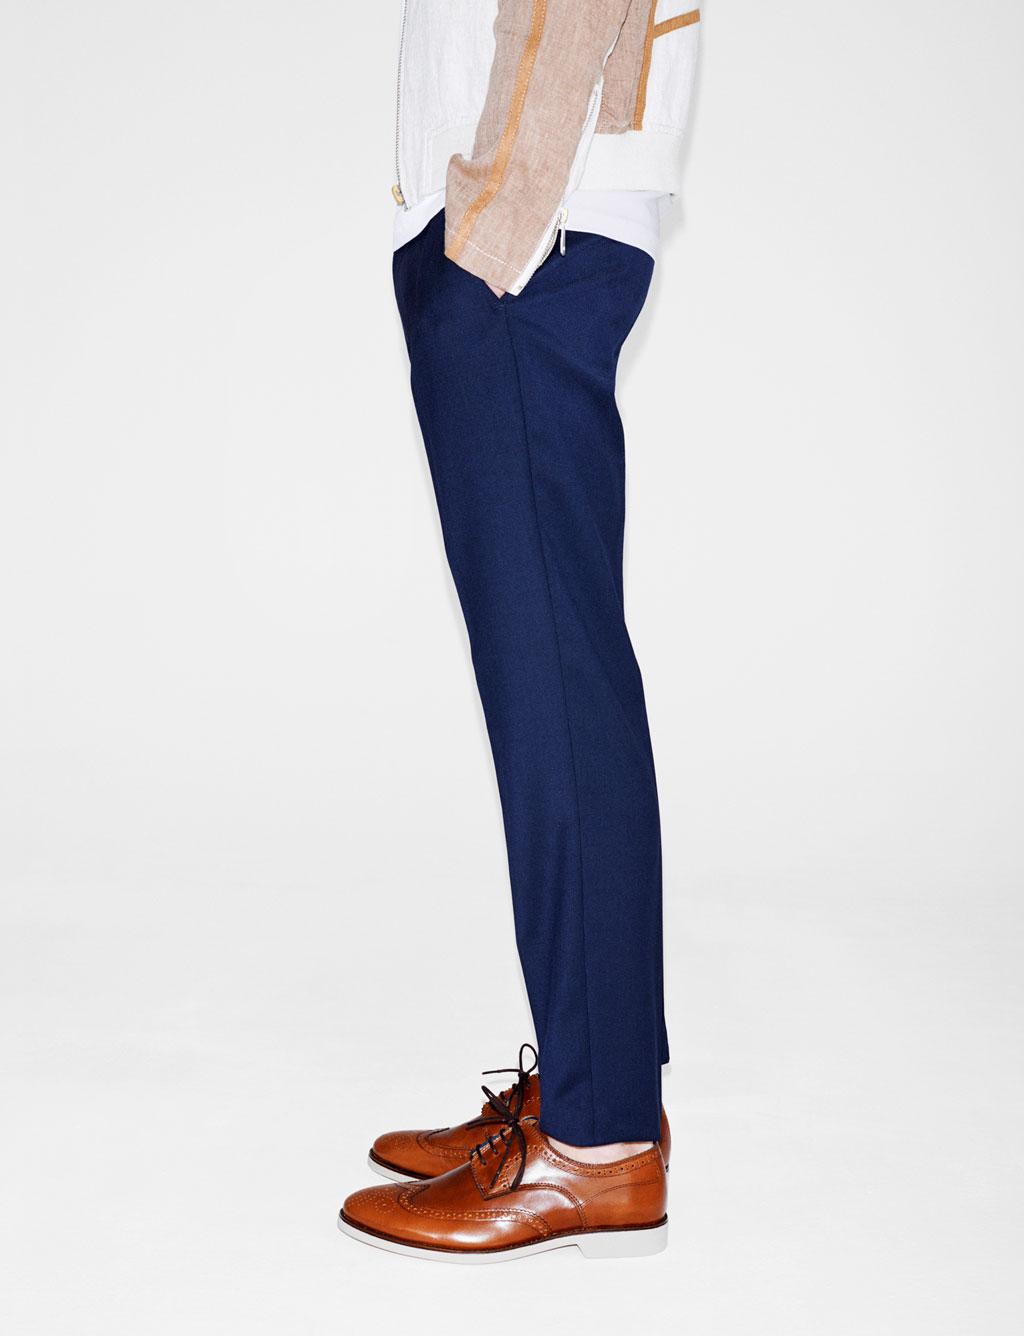 ZARA spring collection for men 2013